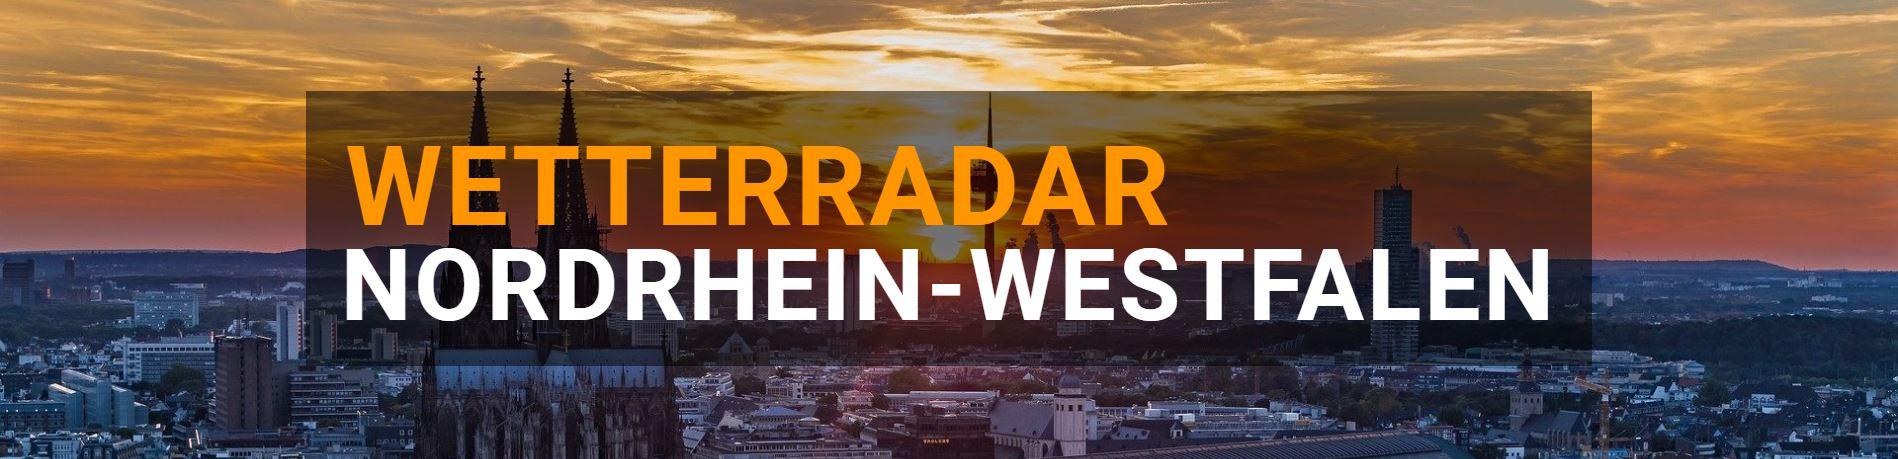 Wetterradar Nordrhein Westfalen NRW